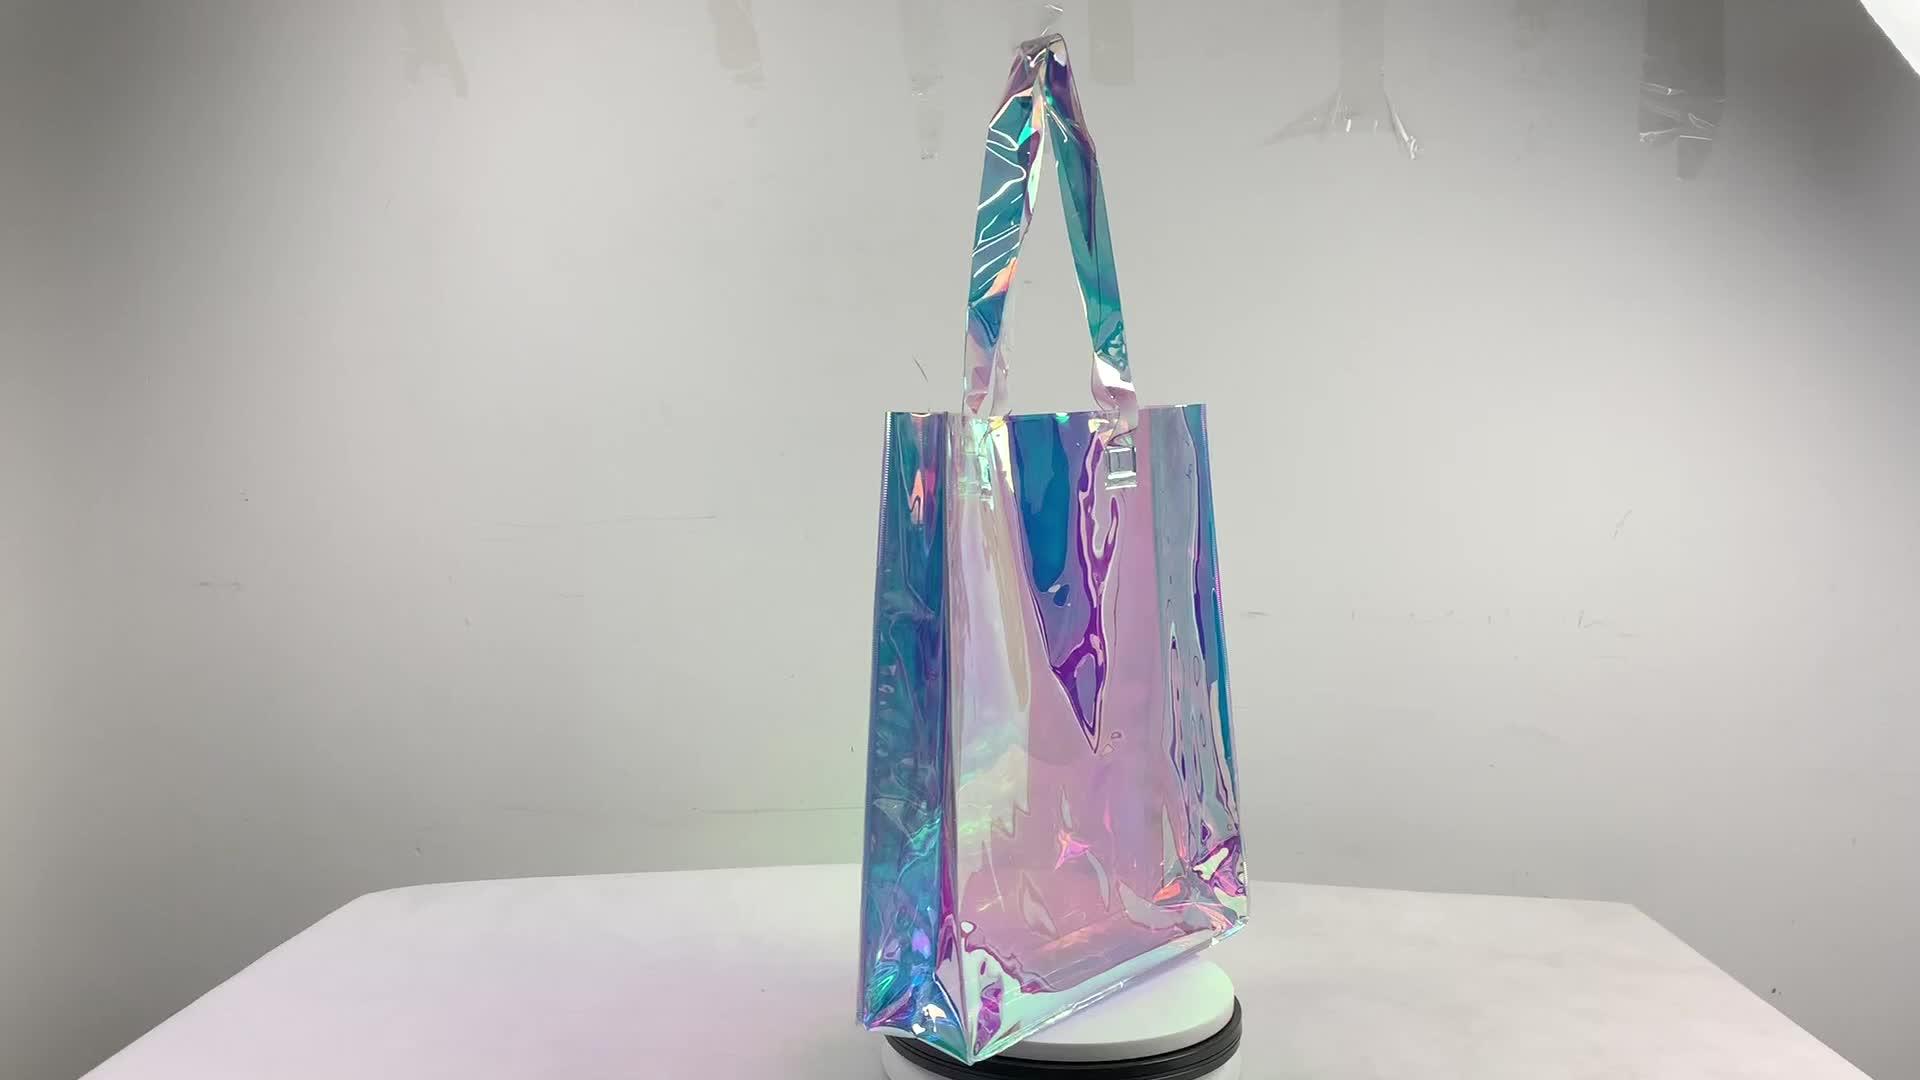 Moda Hologram pvc taşıma çantası şeffaf çanta holografik yanardöner alışveriş çantası